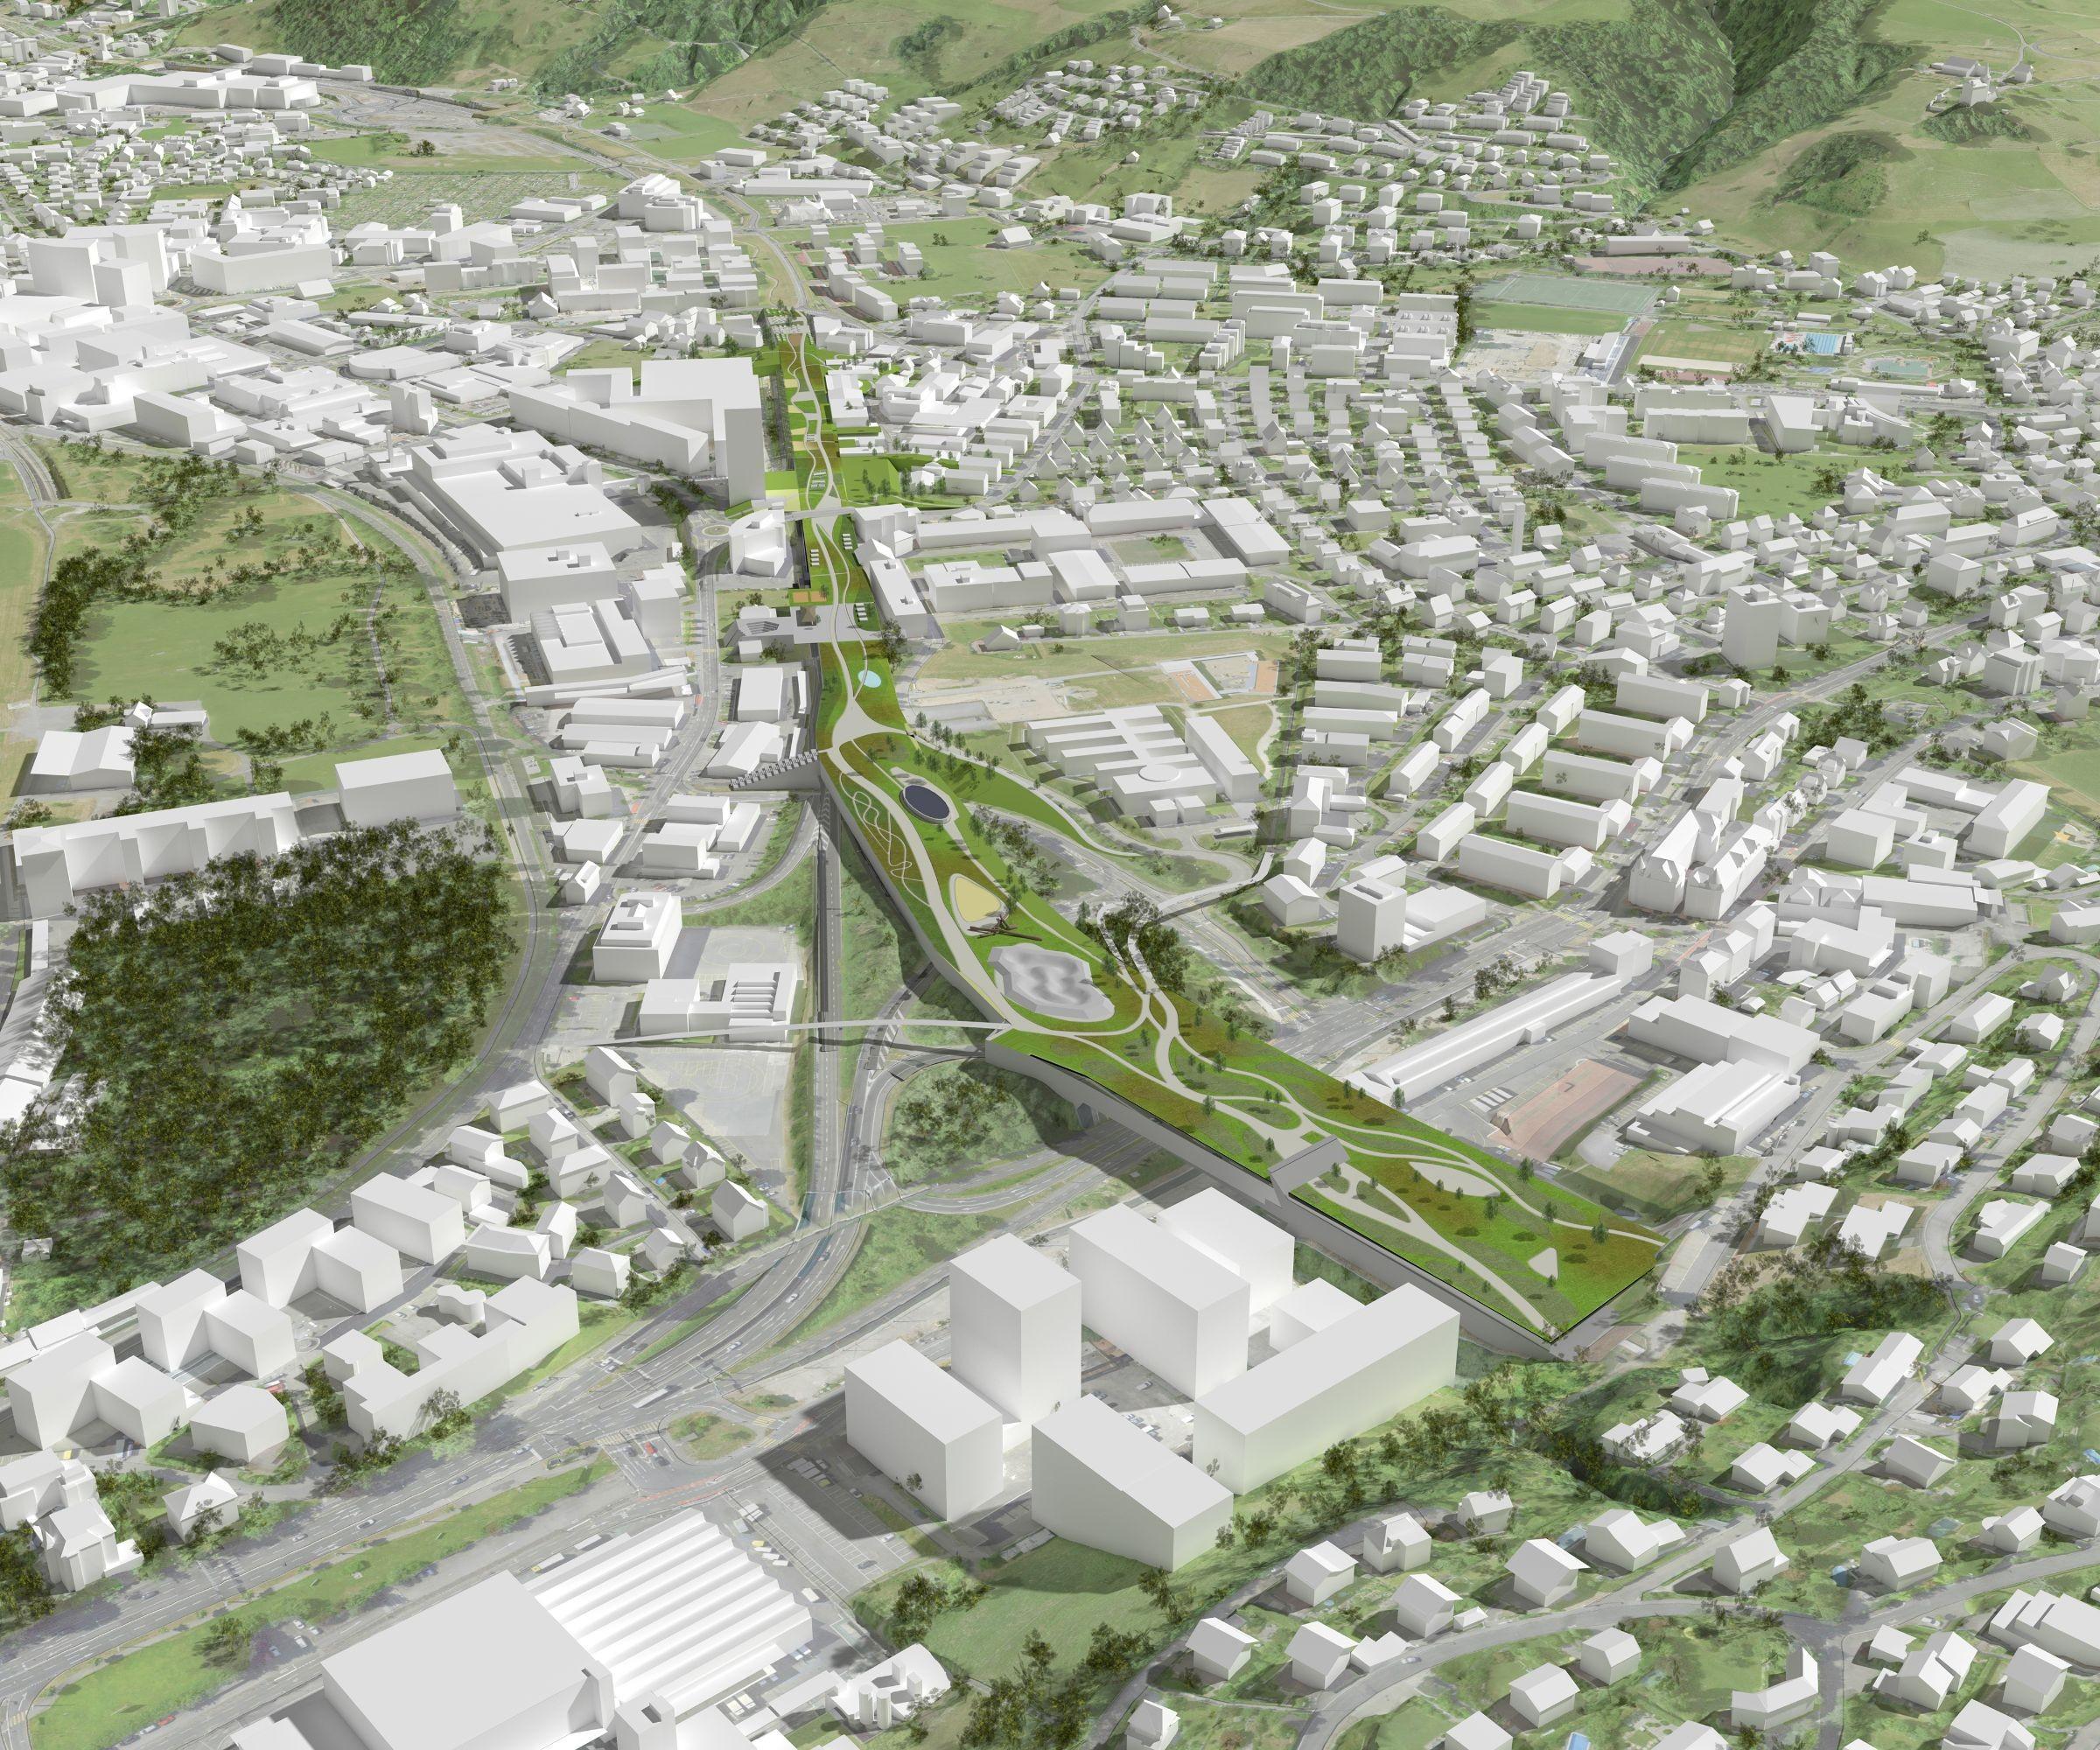 Vision «Chance Bypass» aus Richtung Sonnenberg